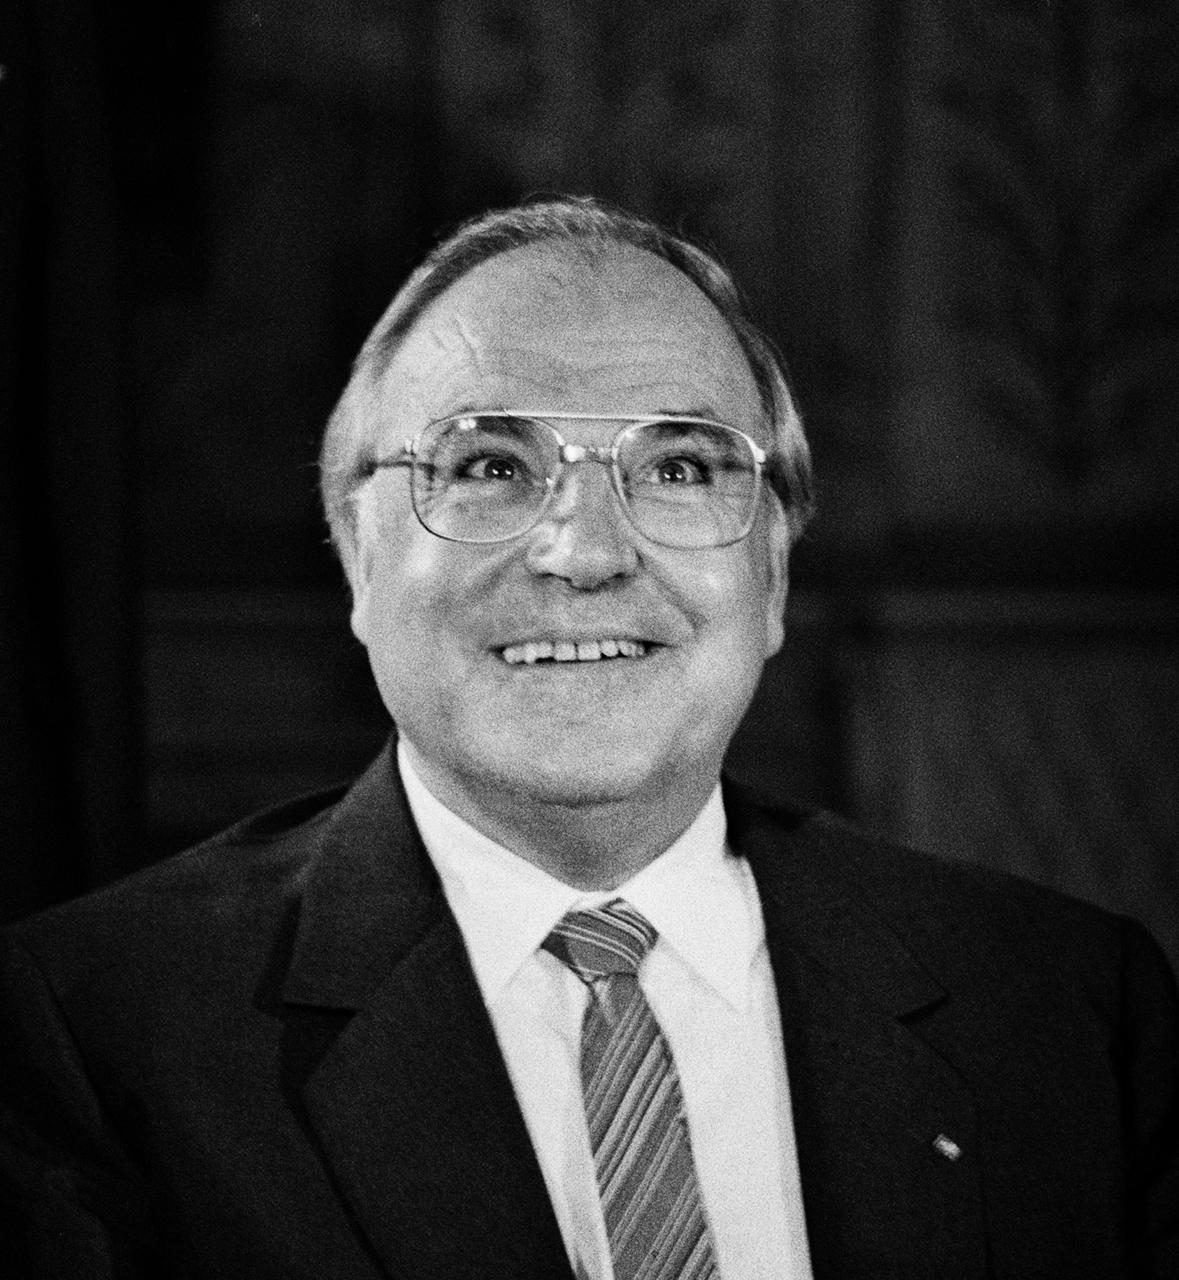 Helmut Kohl (1930-2017) az Országházban, 1984. június 21-én